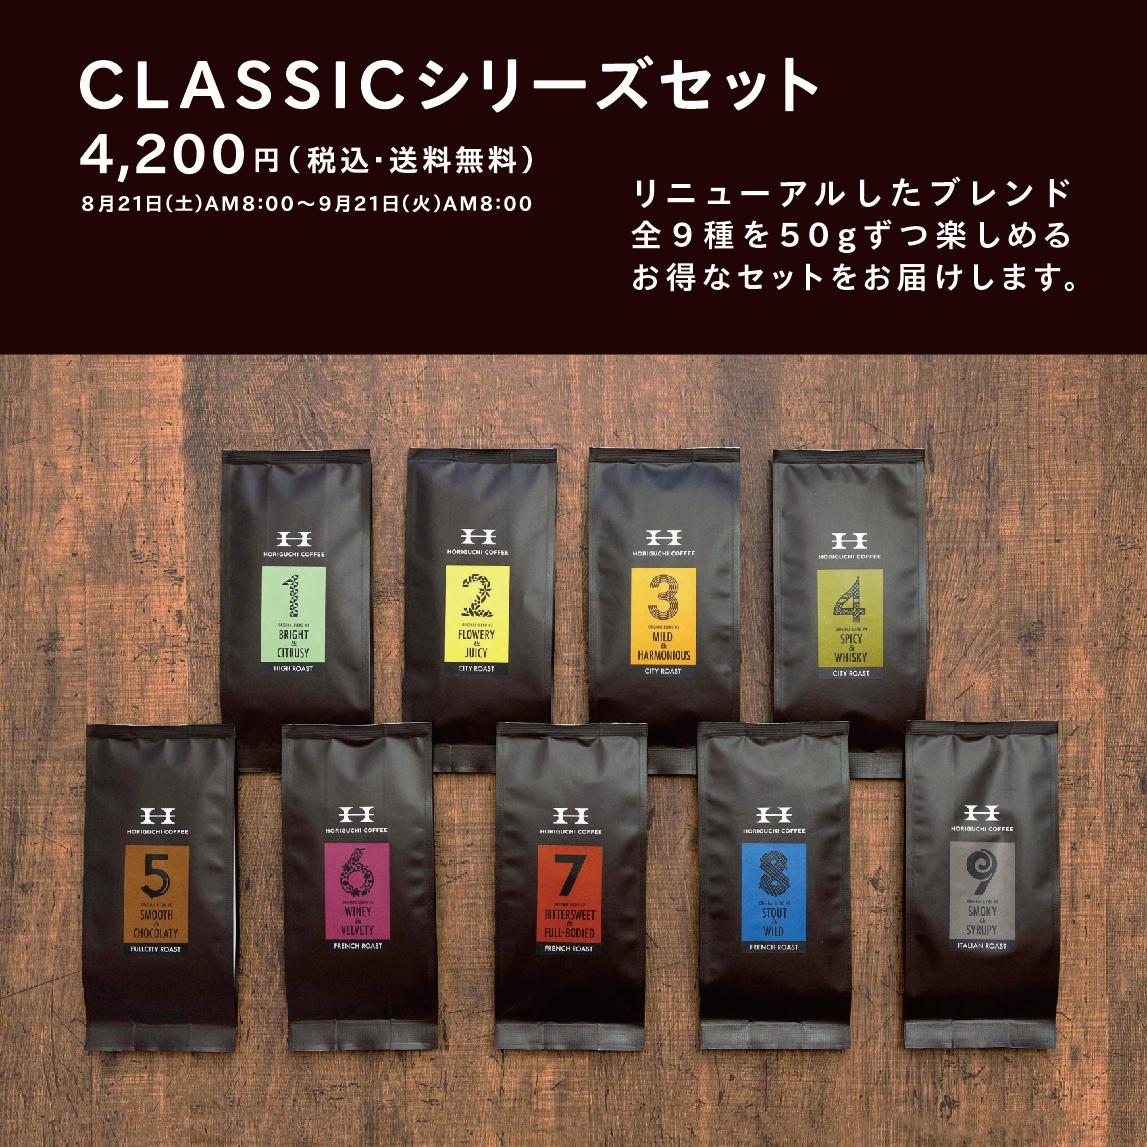 CLASSICシリーズセット